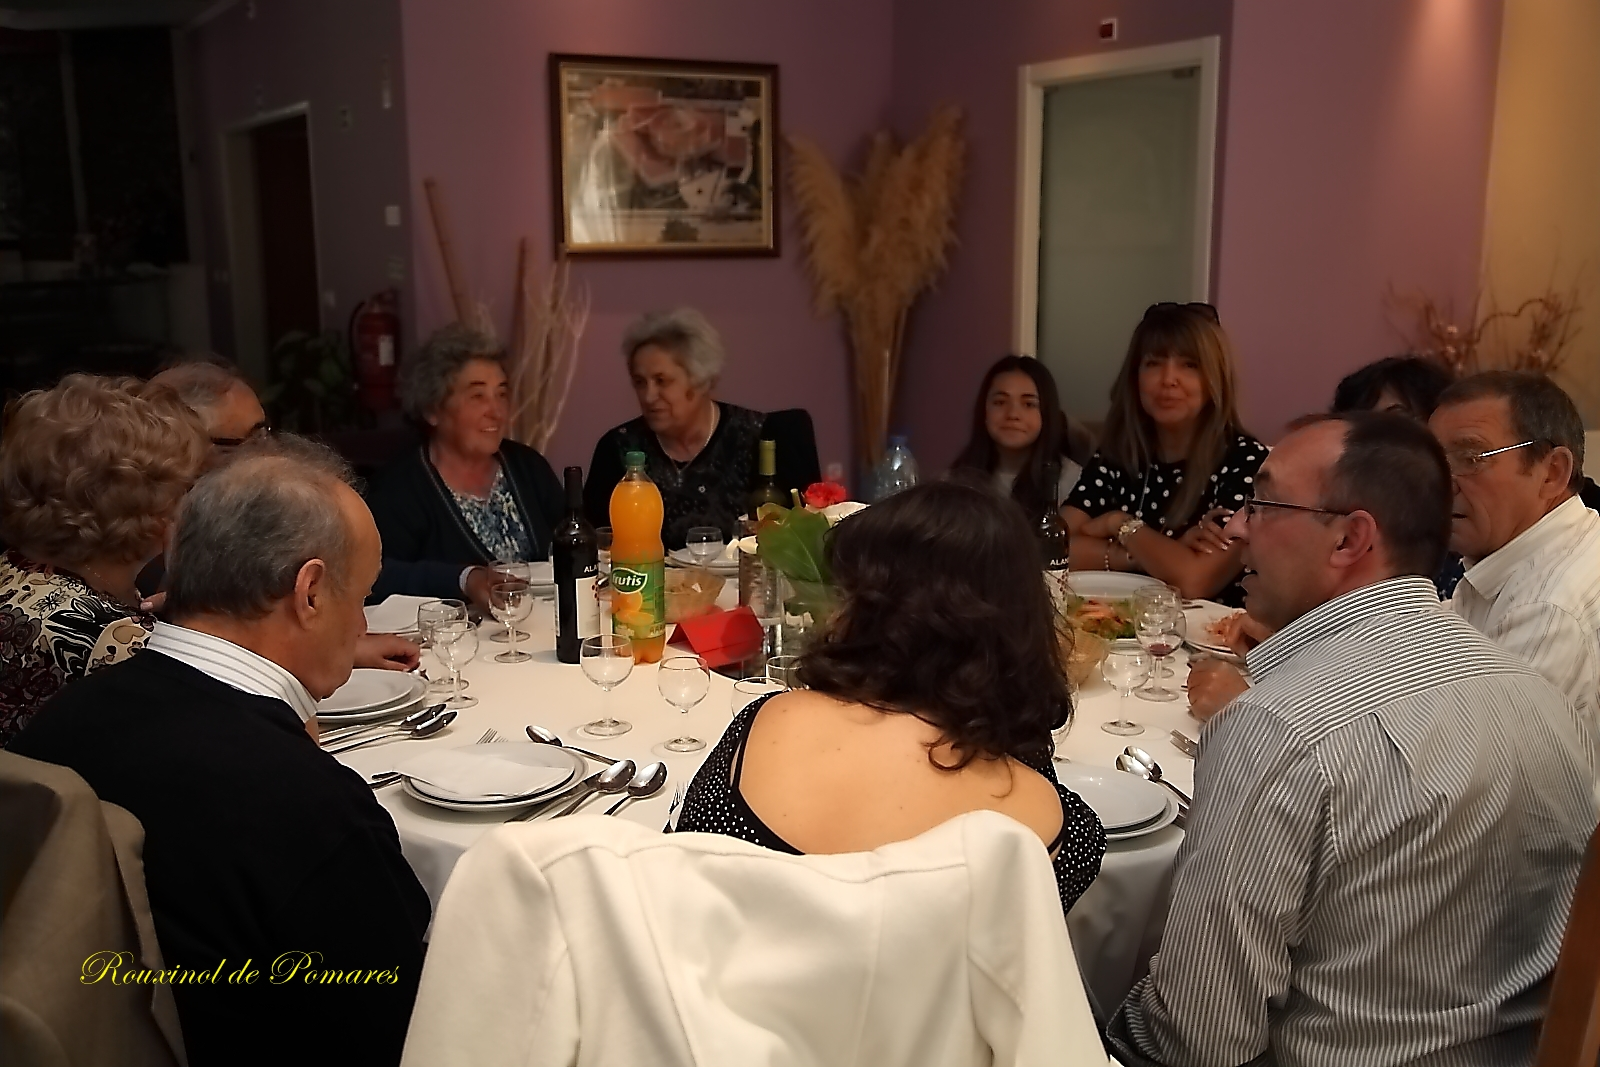 Almoço Comemoração 95 Anos Sociedade  (3)